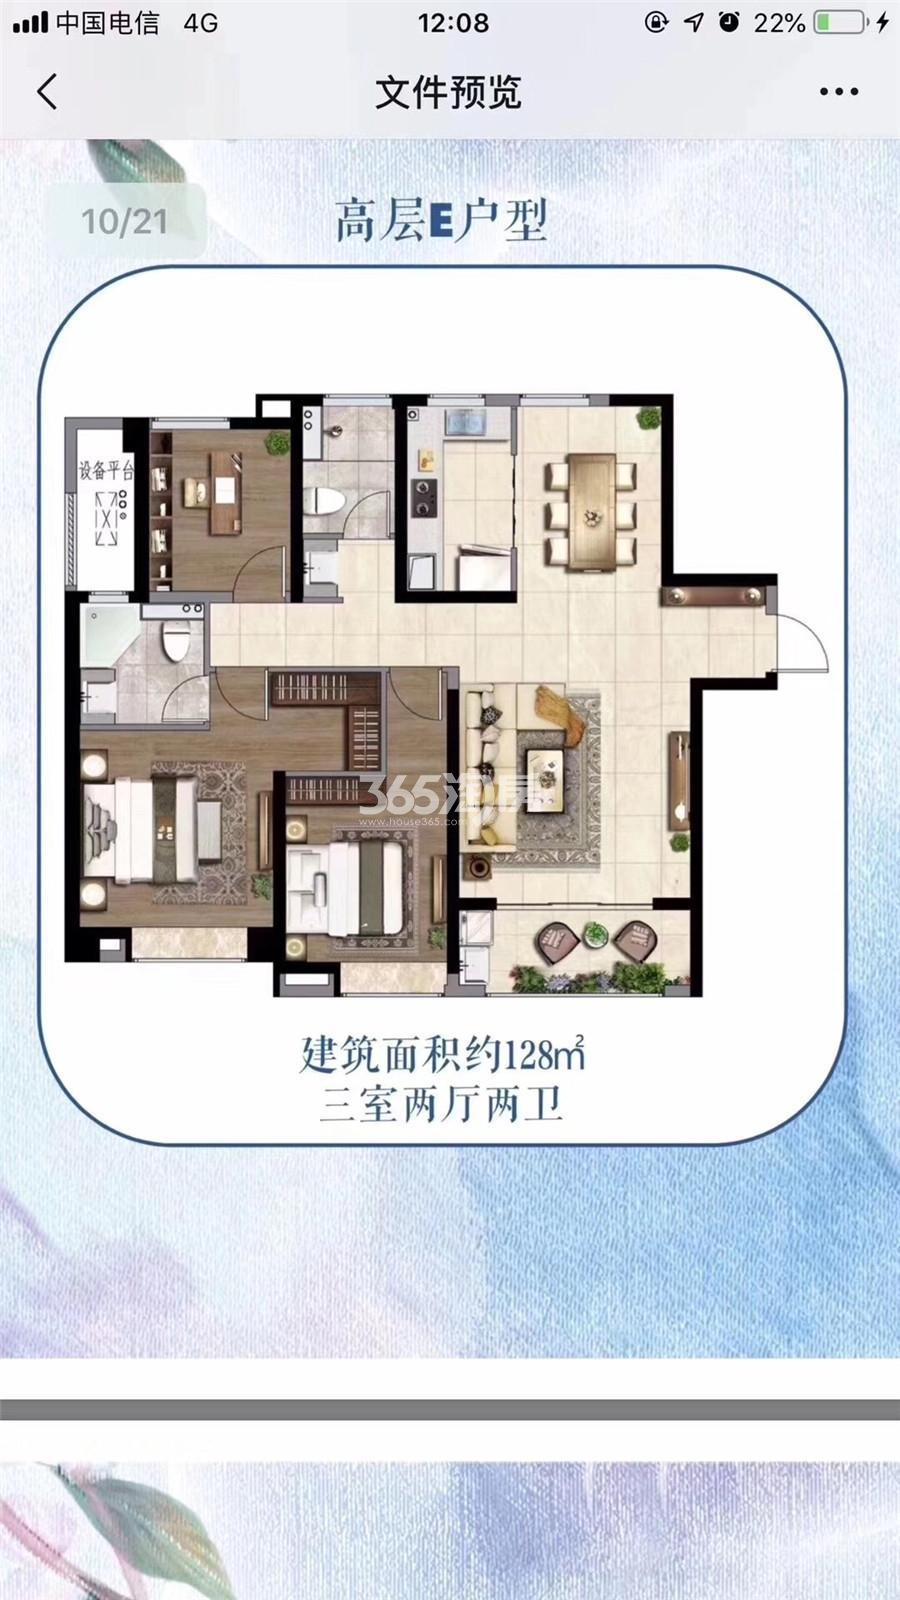 绿城西安全运村子衿苑小高层128㎡三室两厅一厨两卫户型图